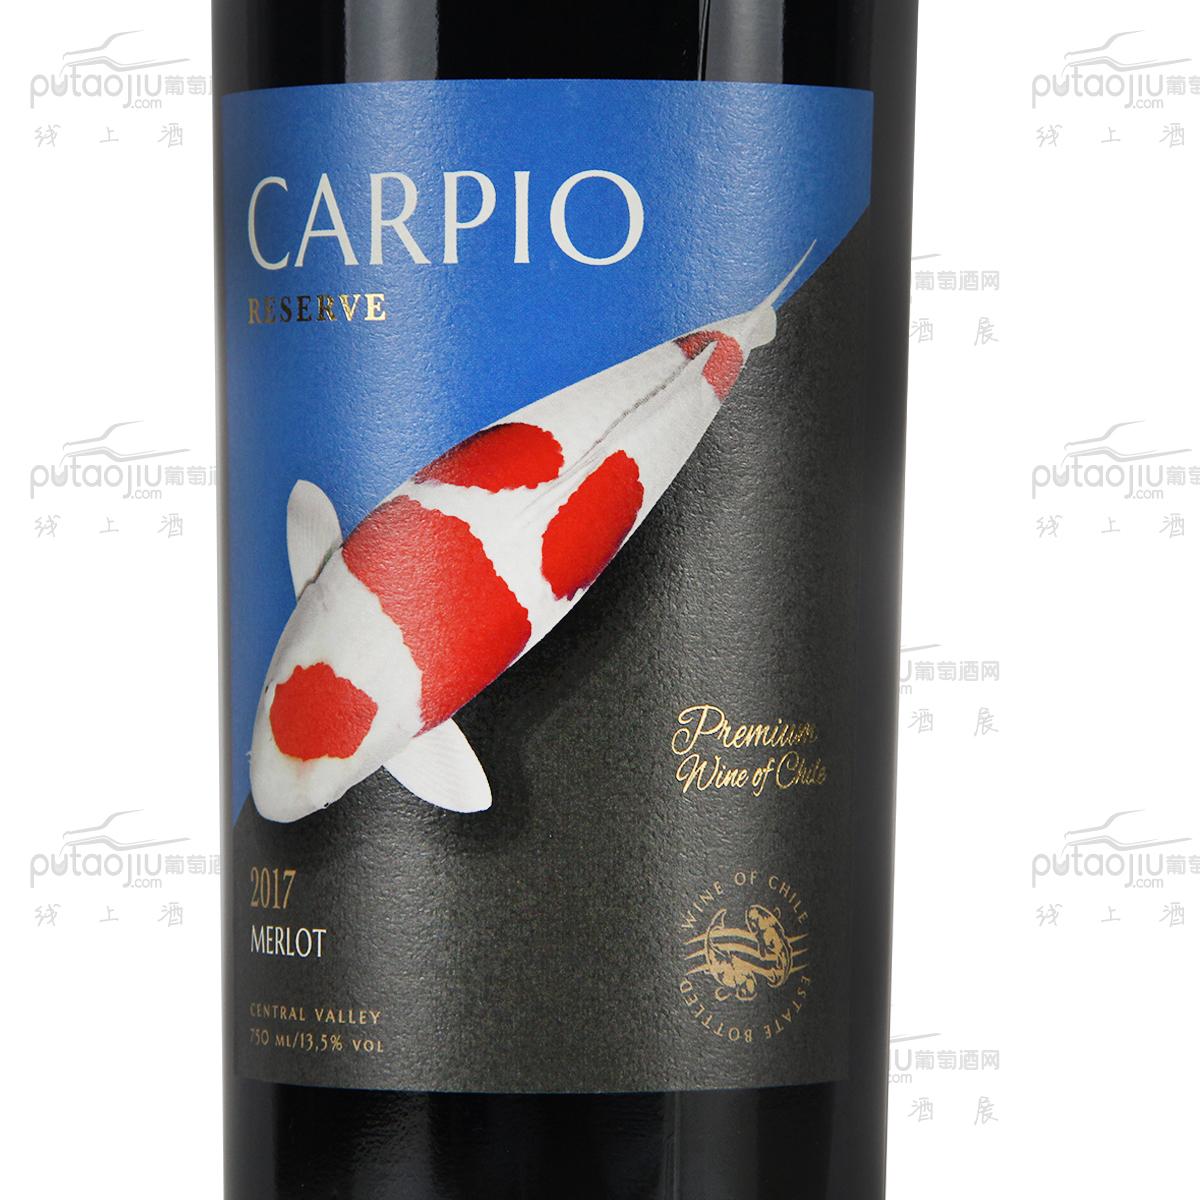 智利中央山谷克莱酒庄卡皮奥梅洛珍藏级干红葡萄酒